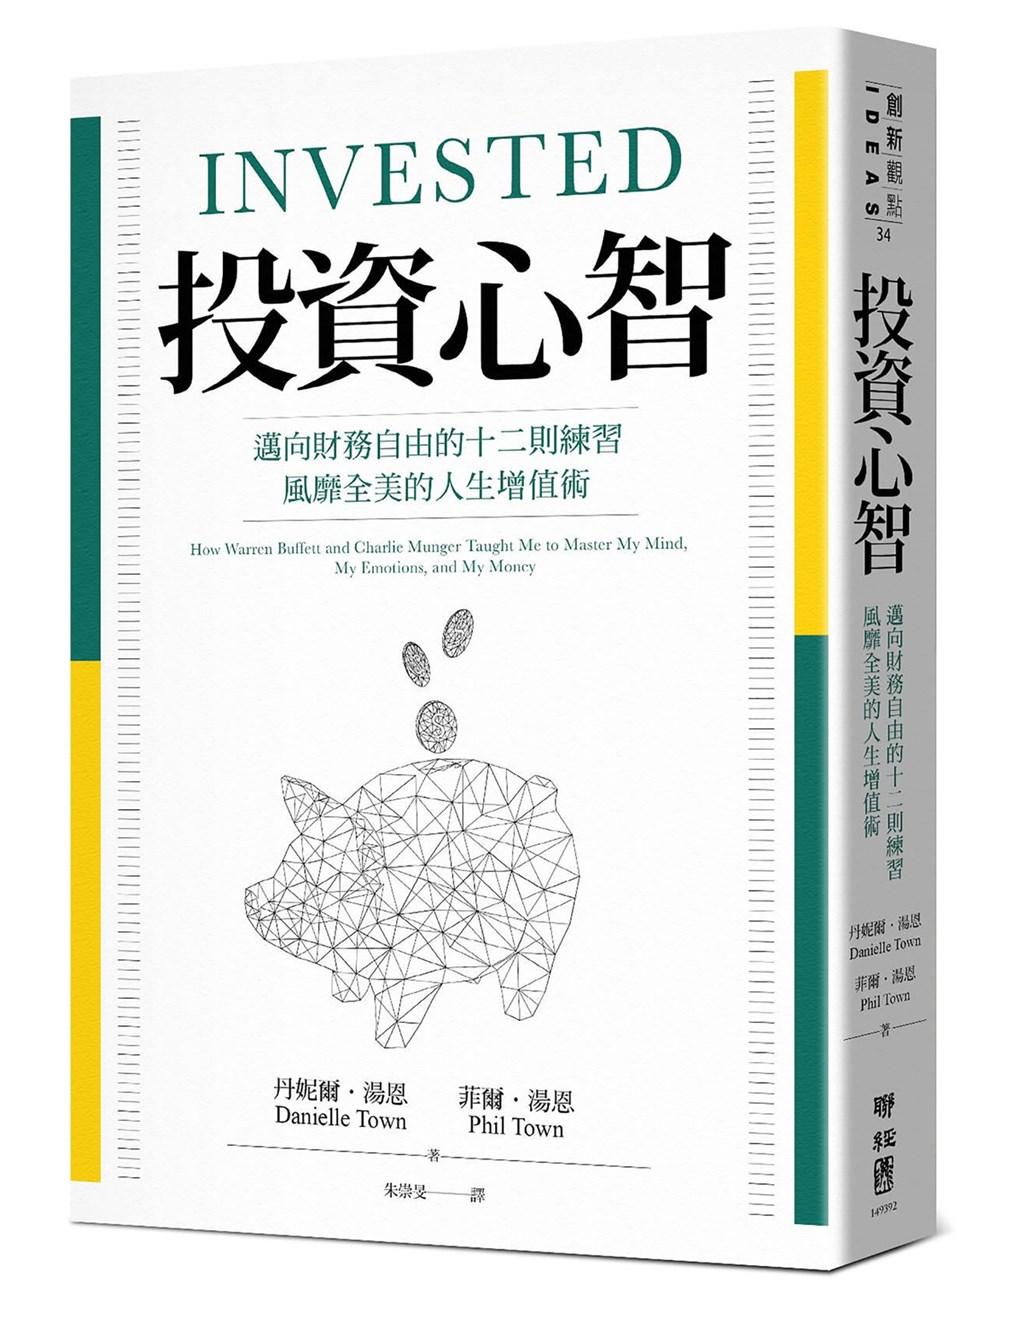 美國著名播客(Podcast)節目InvestED主持人丹妮兒.陶恩與菲爾.陶恩合著「投資心智」,探討人們面對投資的策略、原則,也分析理財市場應有情緒與心態。(聯經出版提供)中央社 109年12月7日